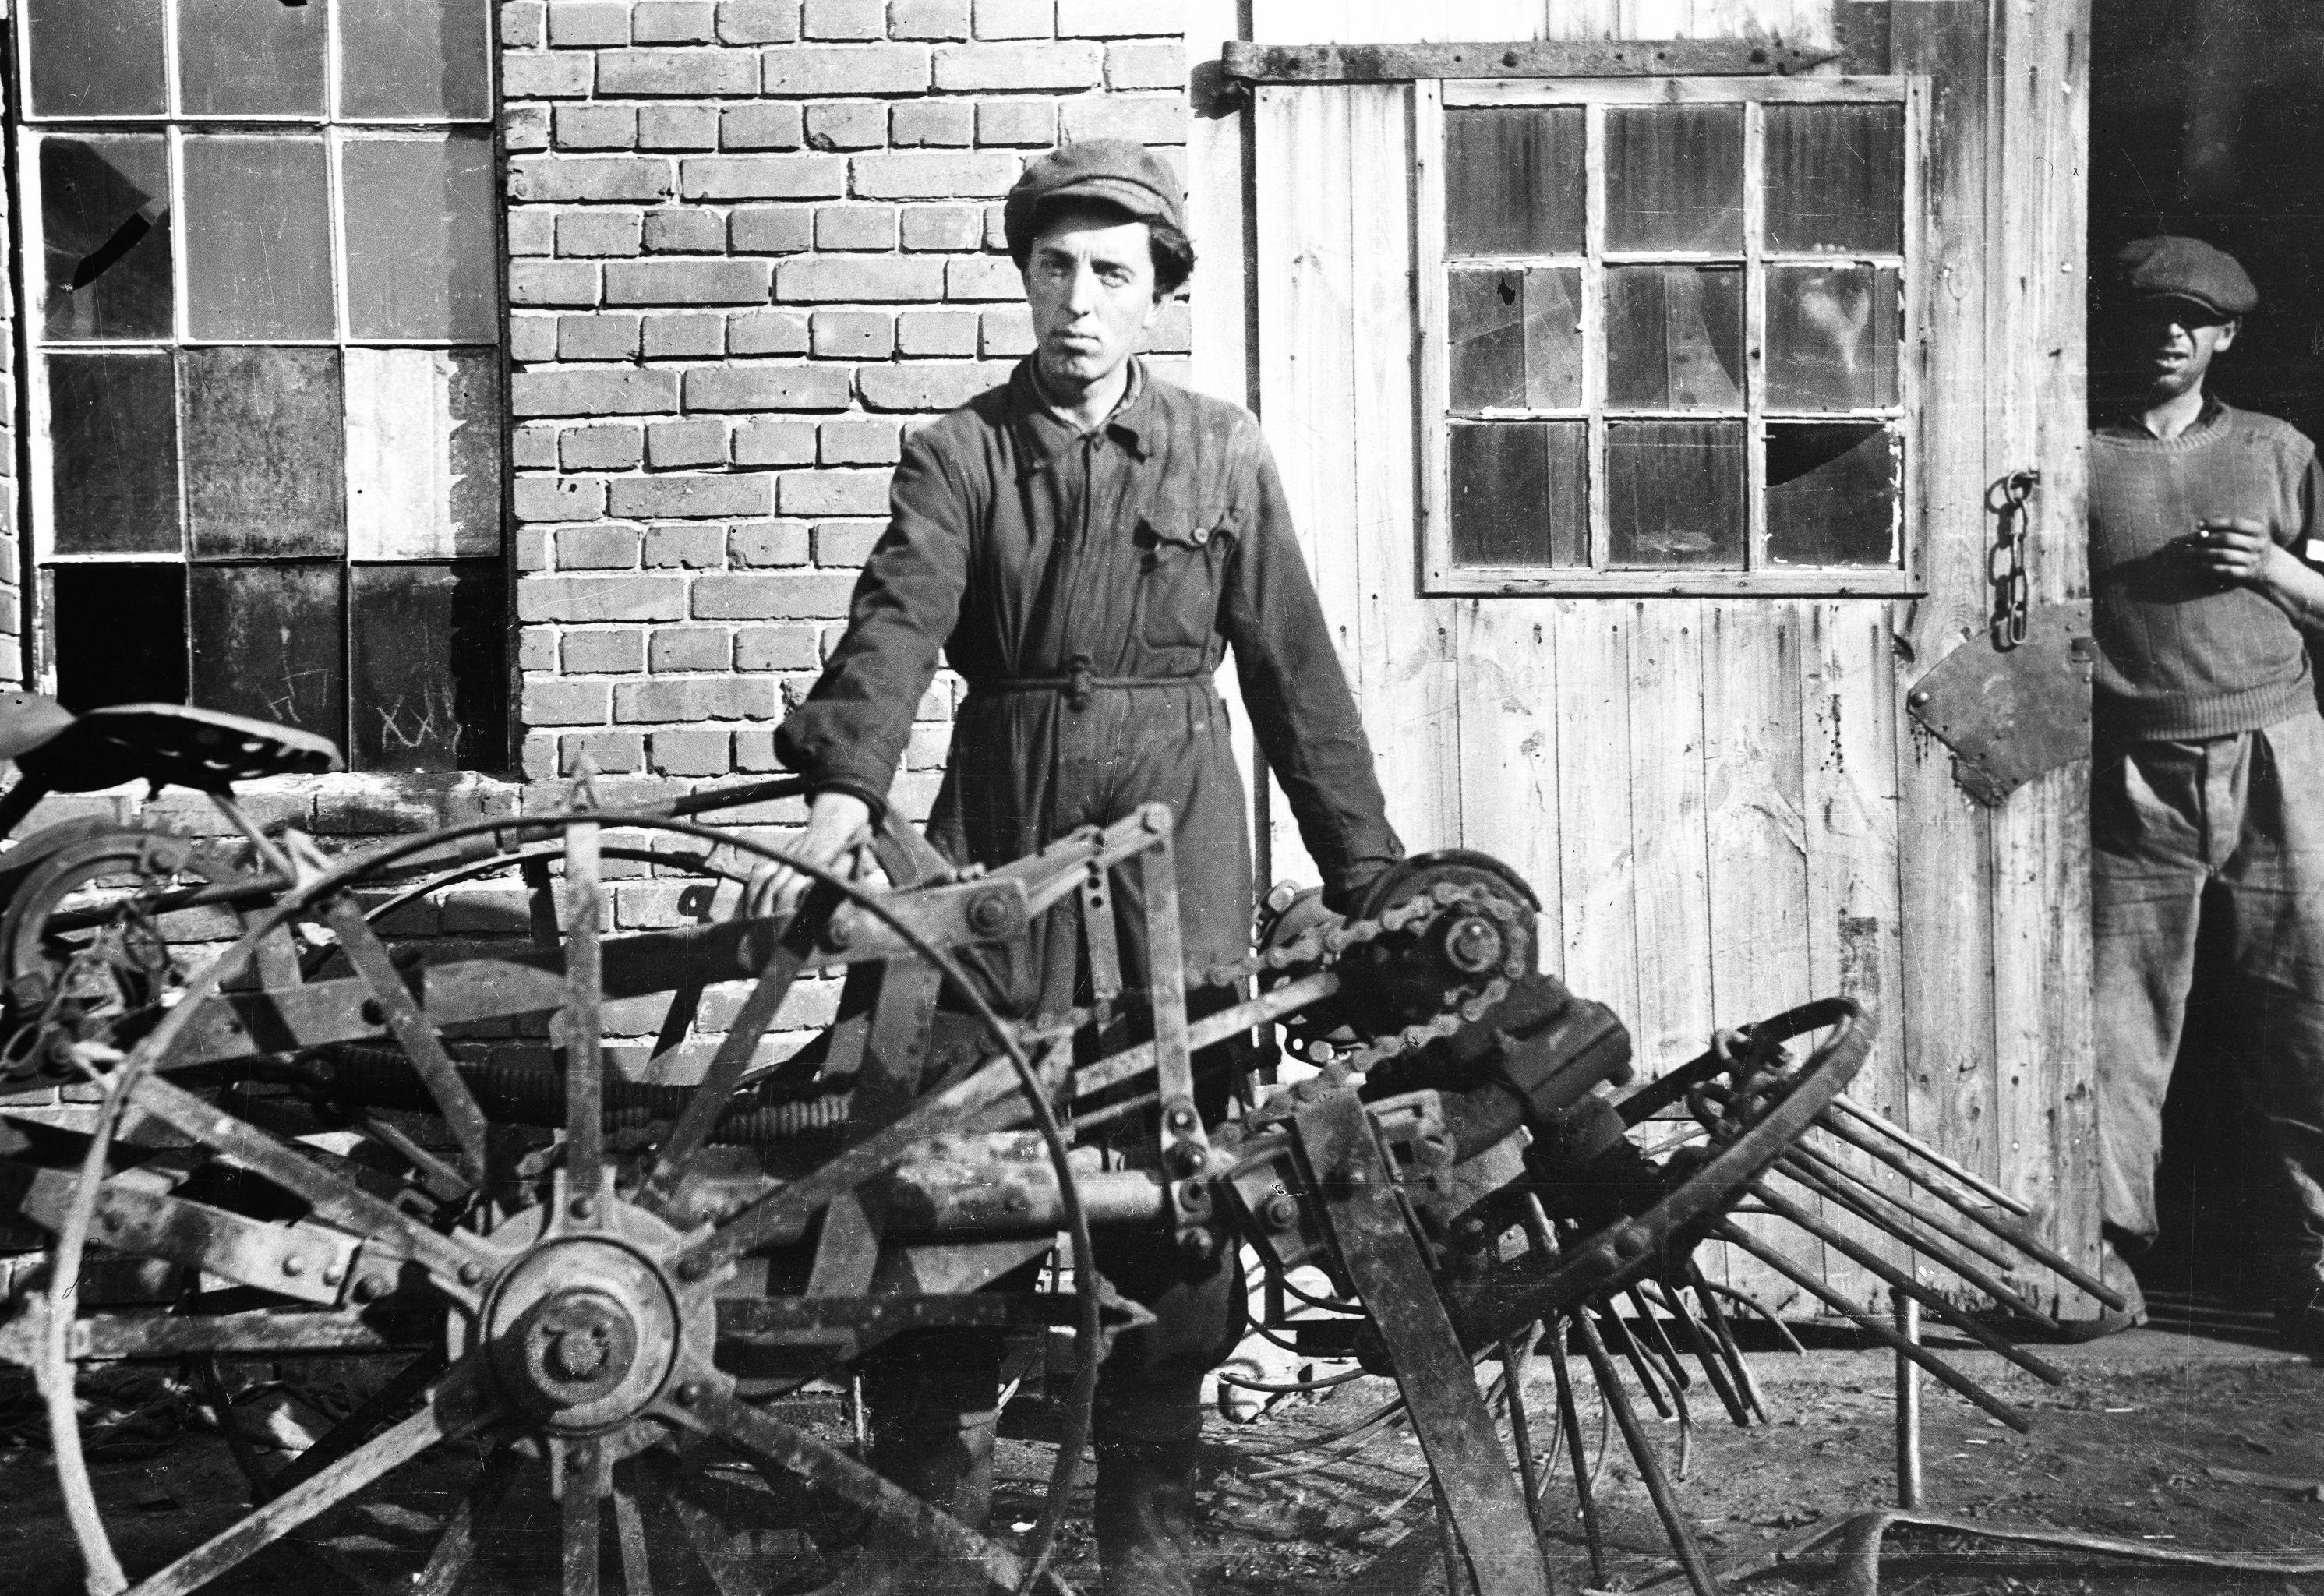 Janek Wacławowa i Władysław Gadziński w kuźni, Brzózka, Dolny Śląsk, lata 50. XX w.